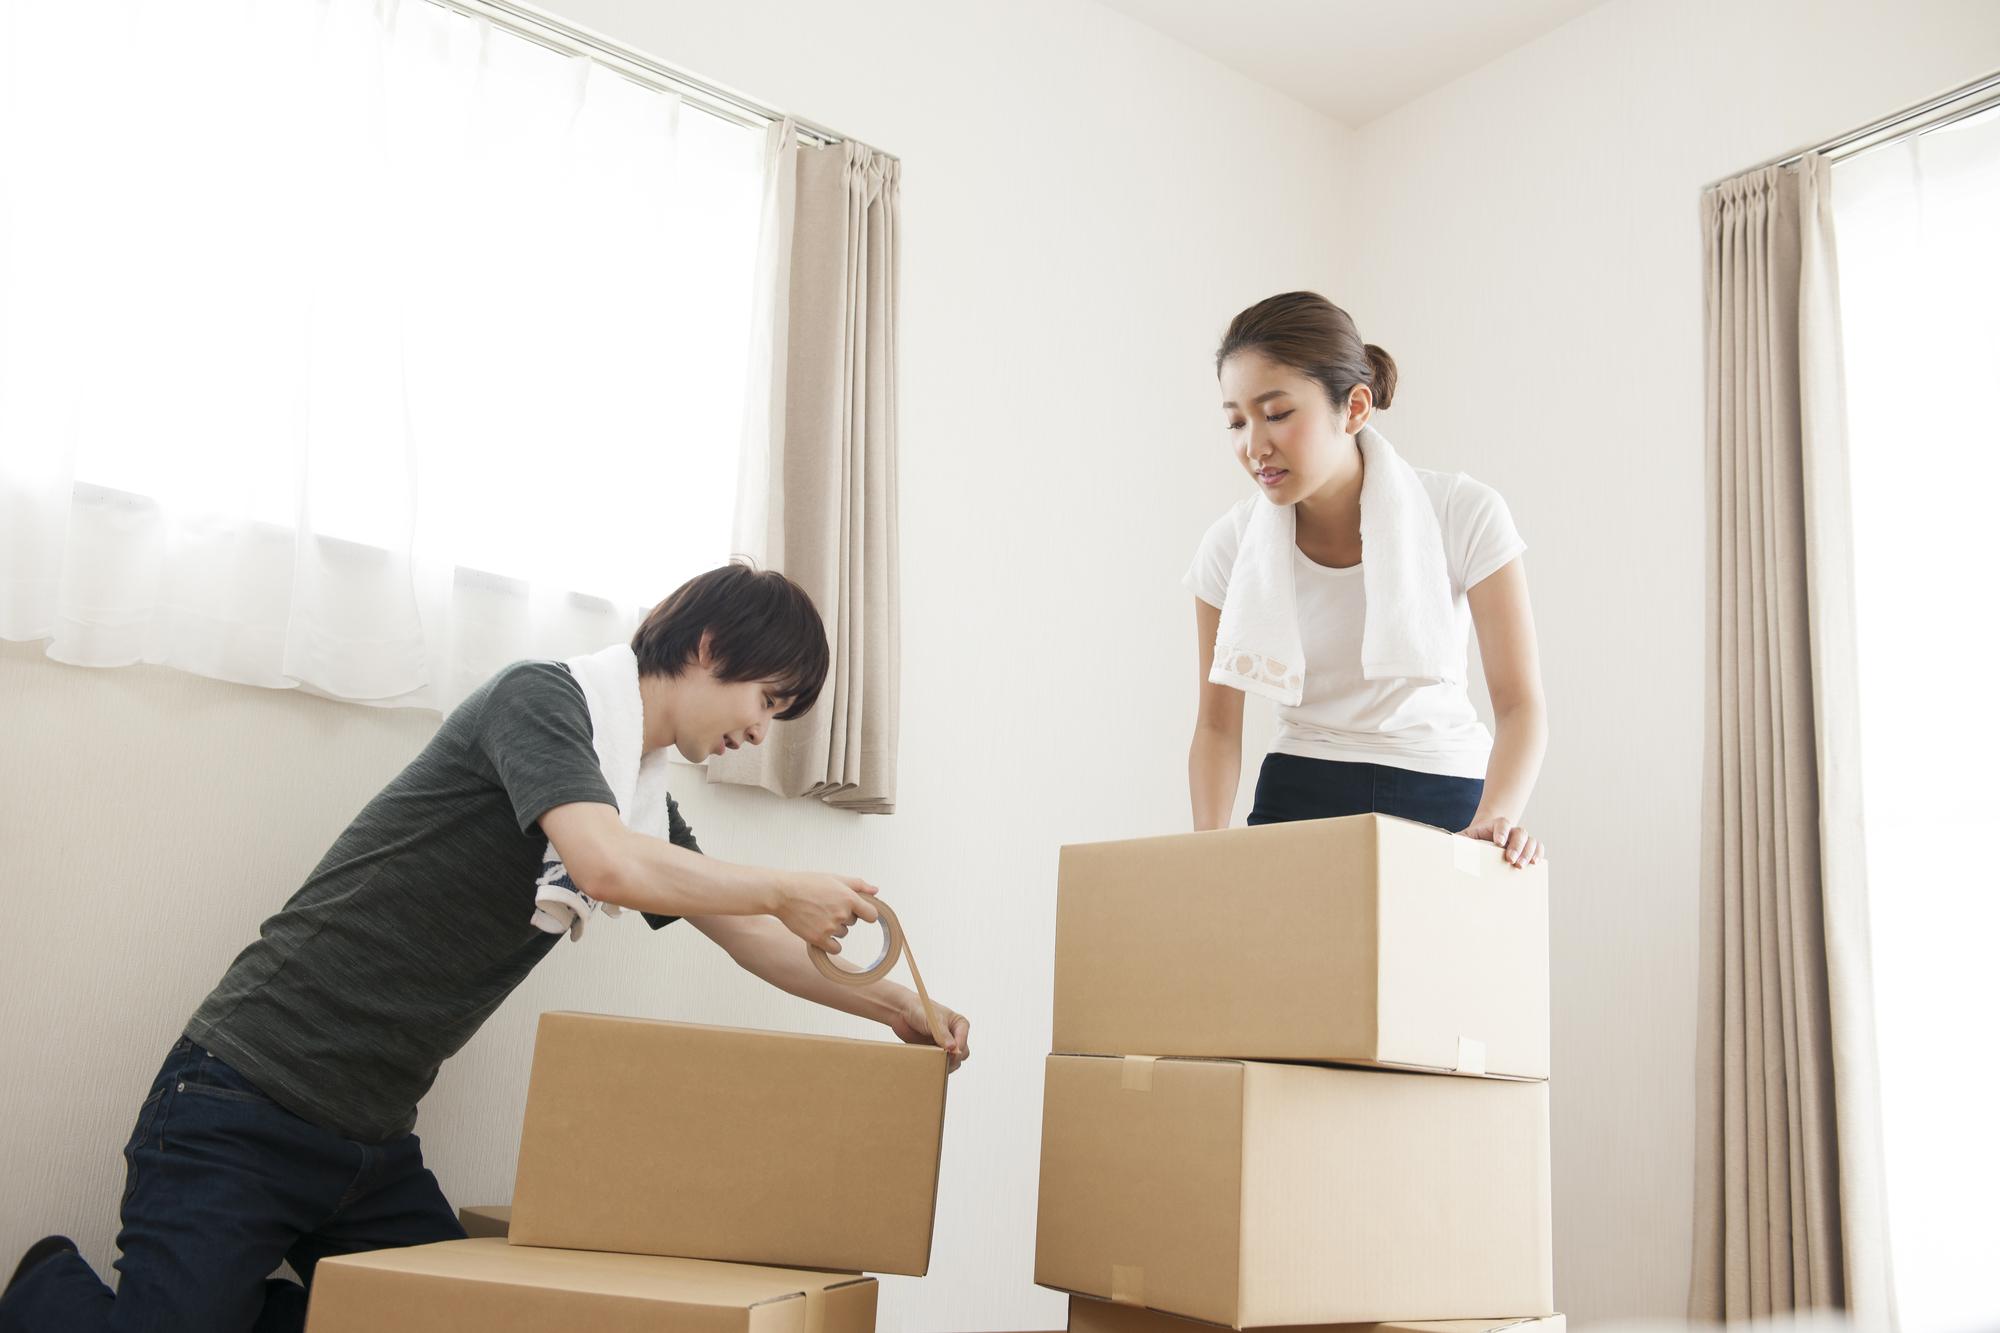 引っ越し準備をする夫婦